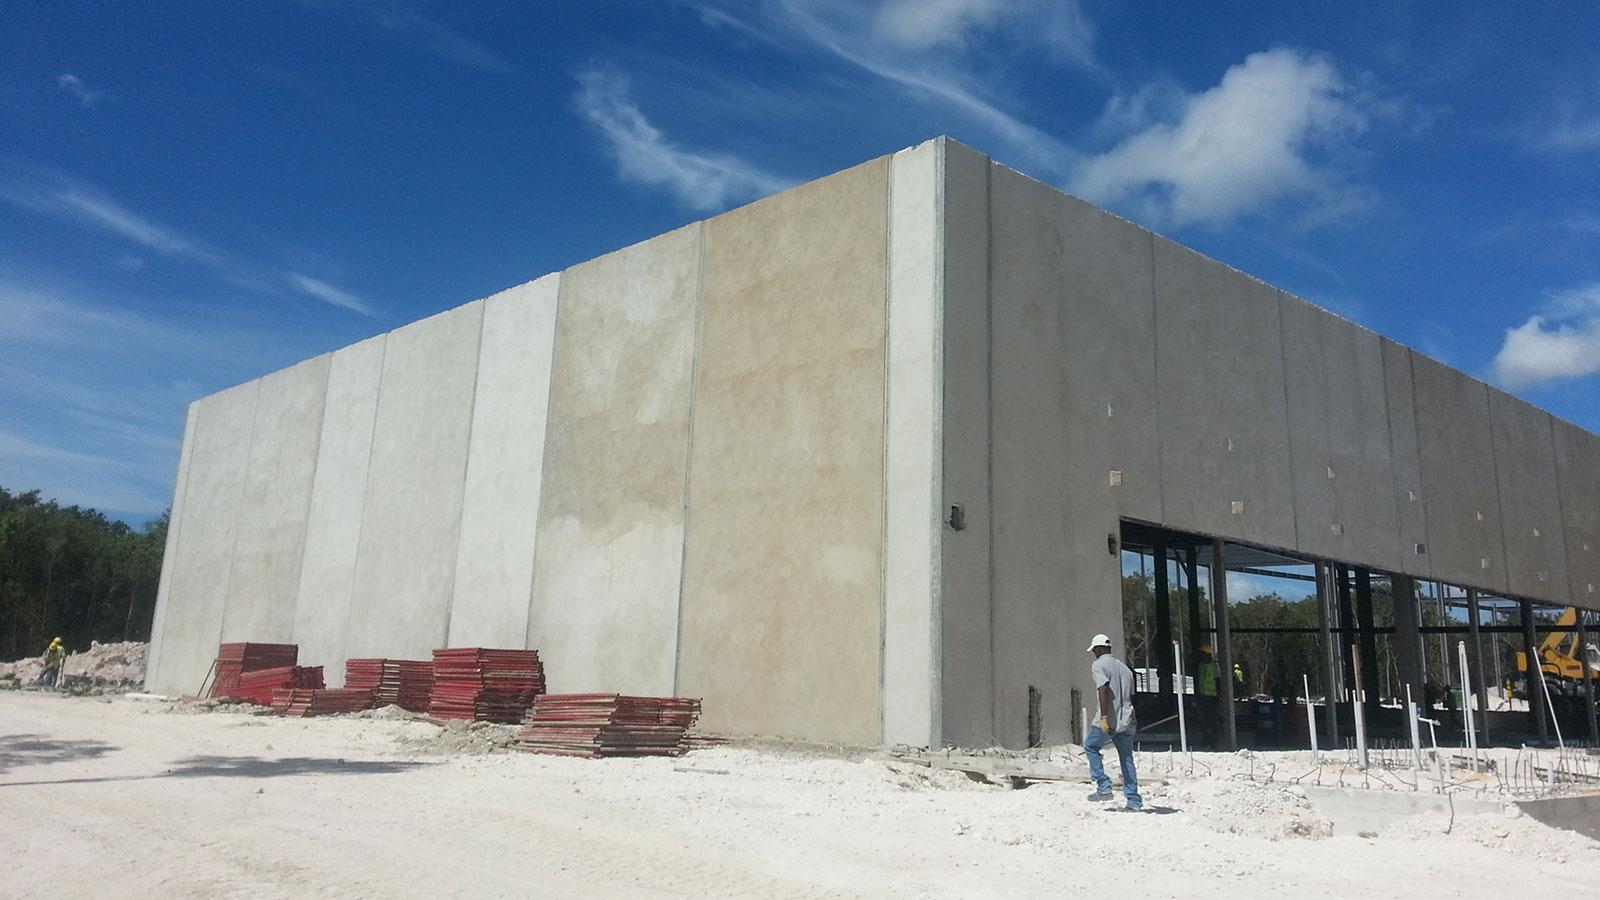 Aduana Aeropuerto Punta Cana el almacen sirve para recibir los productos que son adquiridos para ser consumidos en la zona de turistica de Punta Cana.